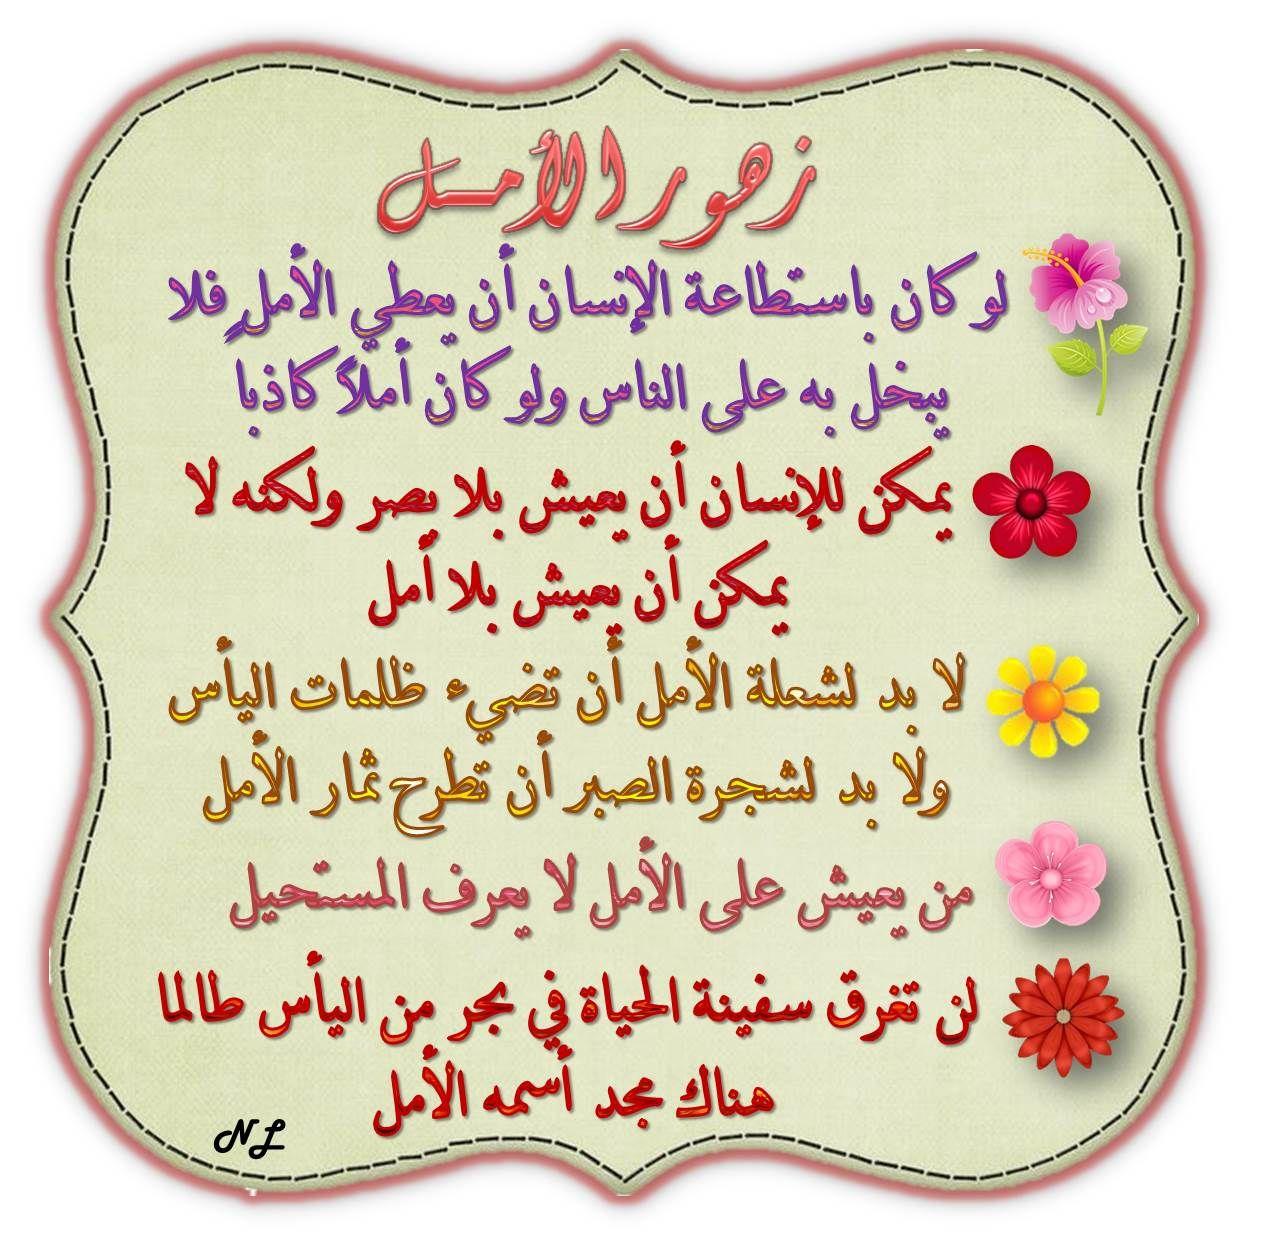 زهور الأمــل لو كان باستطاعة الإنسان أن يعطي الأمل فلا يبخل به على الناس ولو كان أملا كاذبا يمكن للإنسان أن يعيش بلا بصر ول Calligraphy Arabic Calligraphy